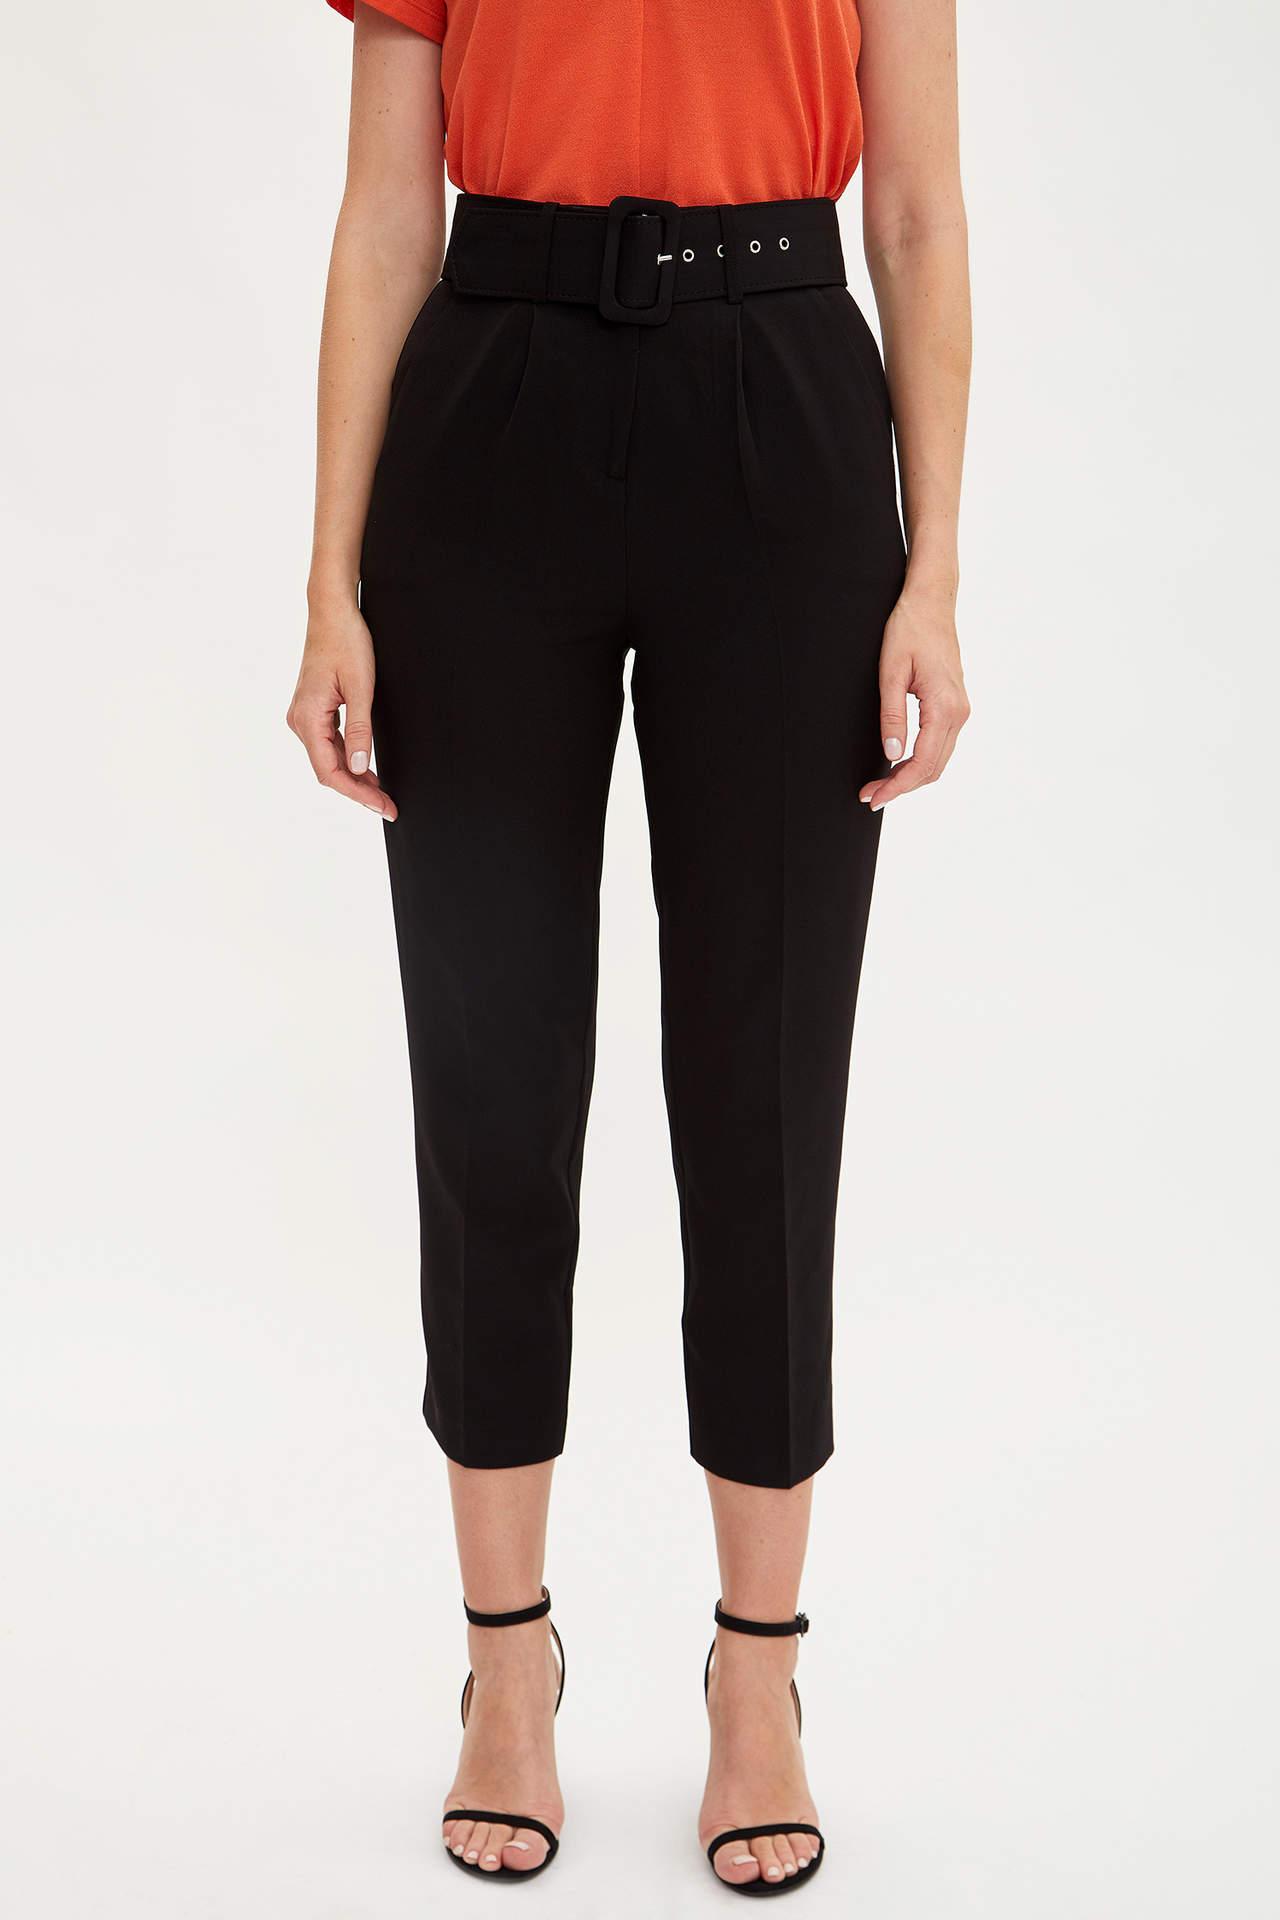 Defacto Kadın Slim Fit Yüksek Bilek Pantolon